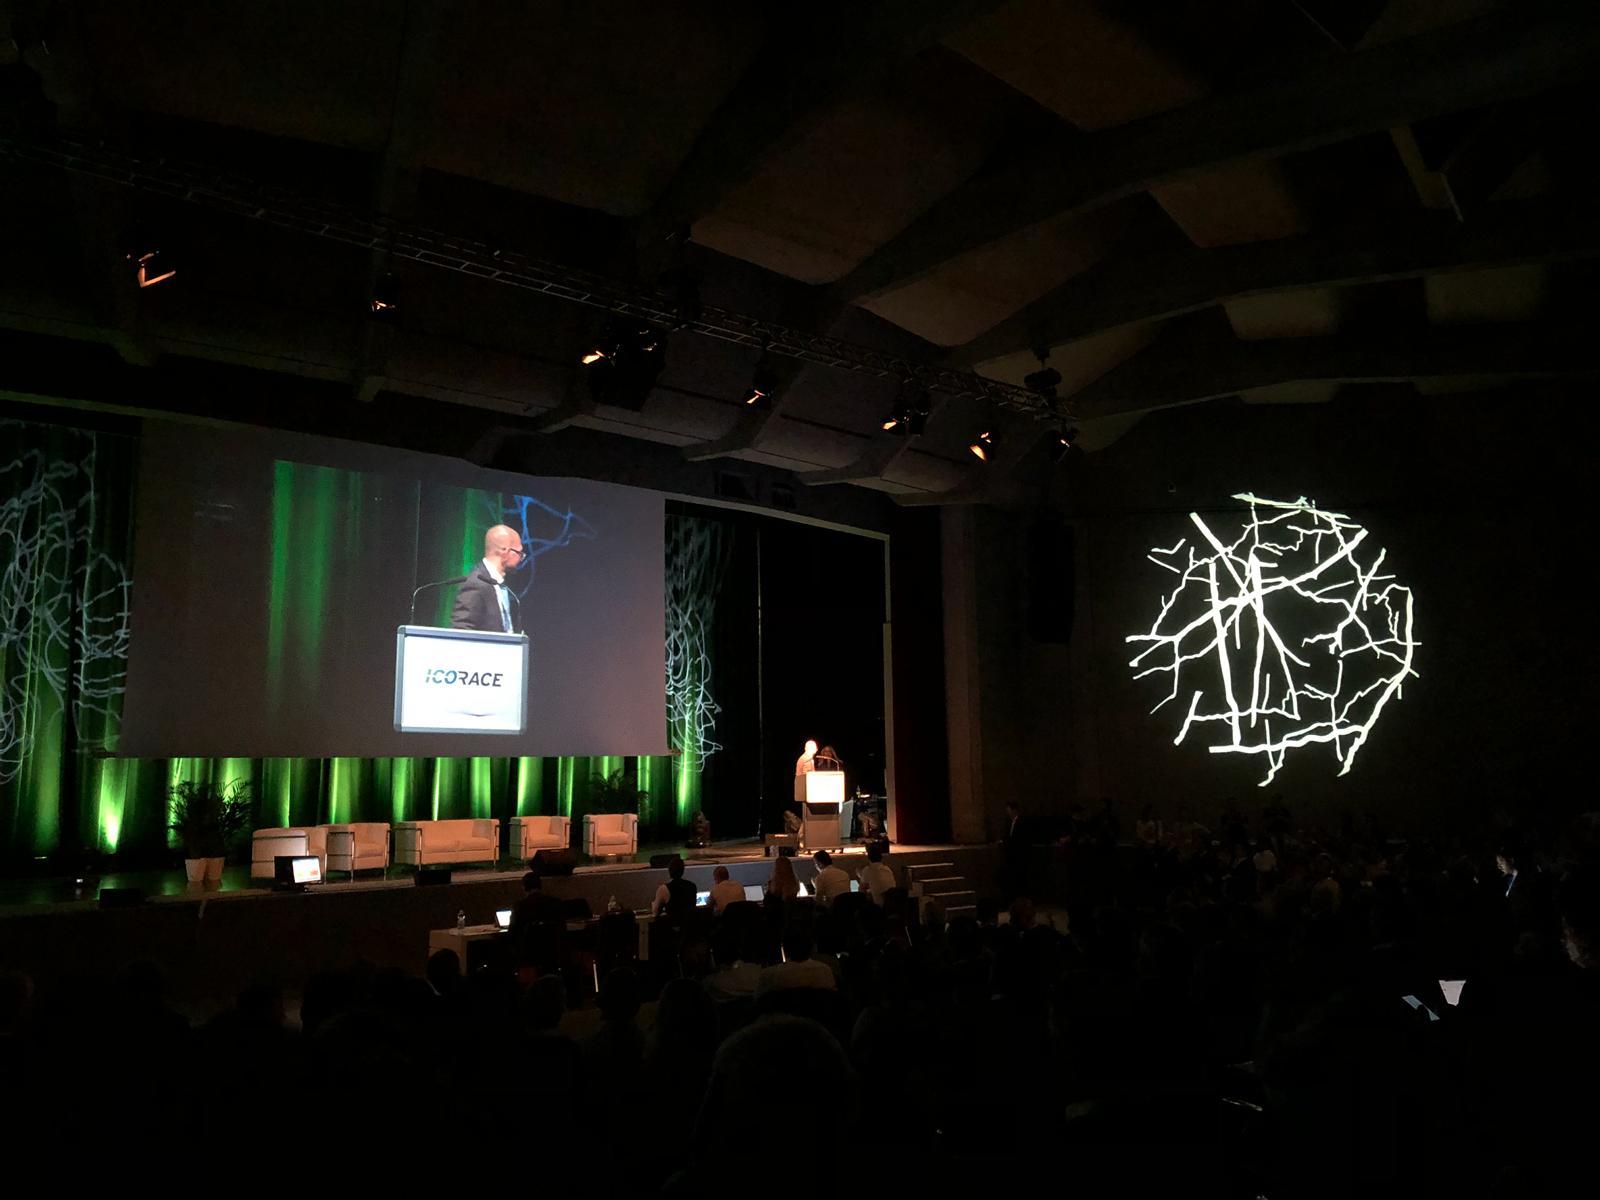 IMG 20180608 WA0009 - ICO race: la competizione blockchain fa brillare Lugano